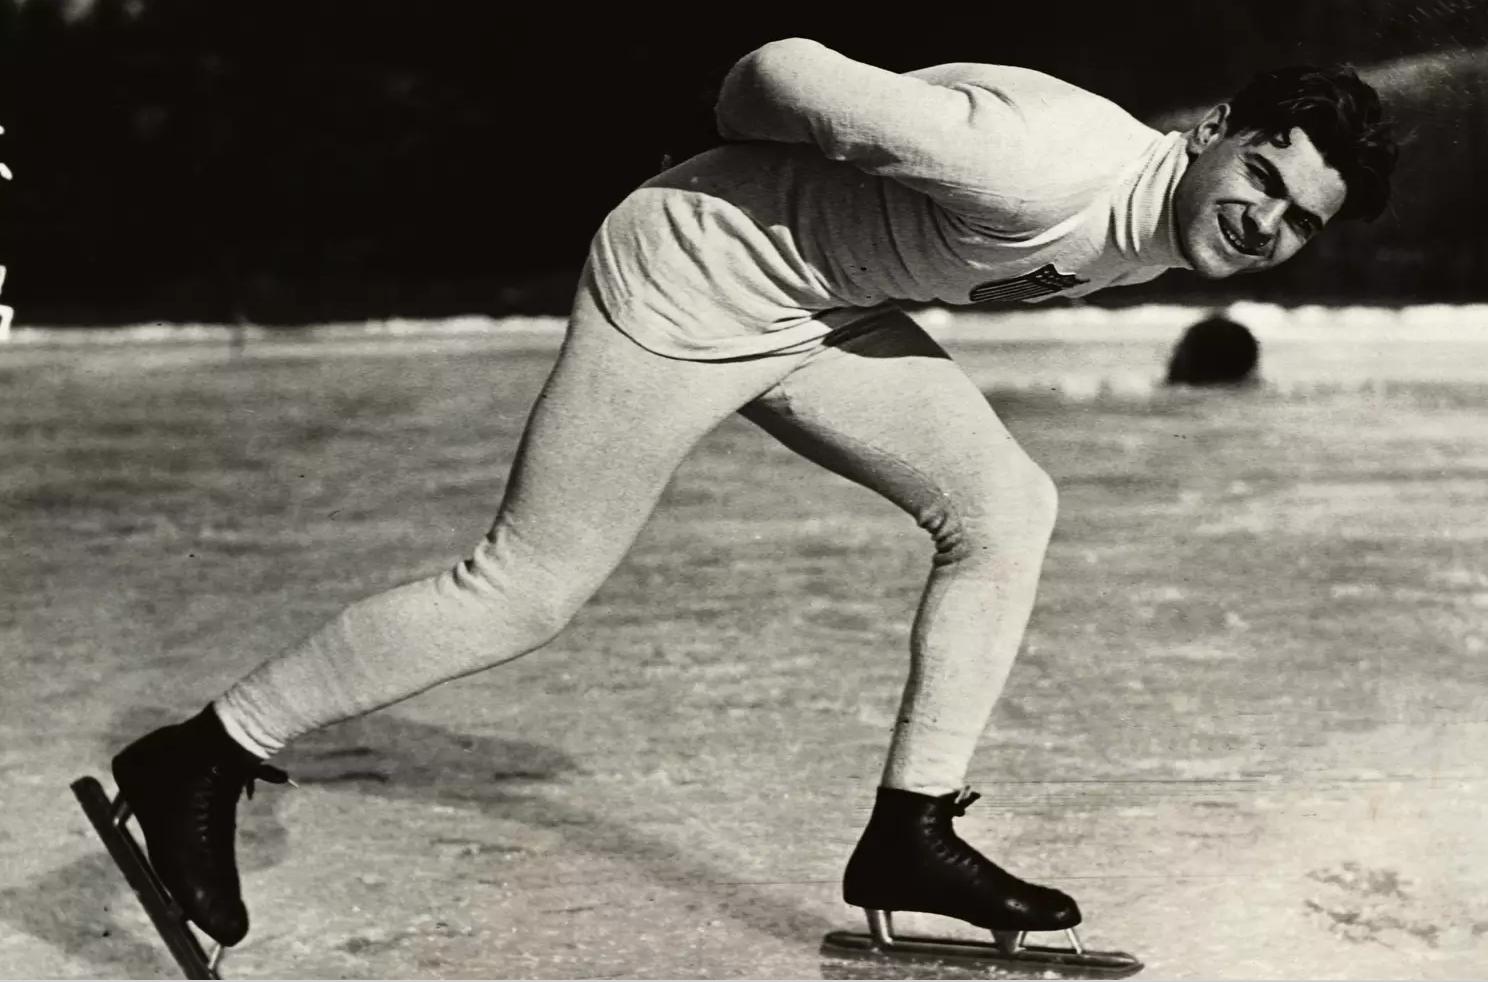 Charles Jewtraw o primeiro campeão olímpico de inverno.